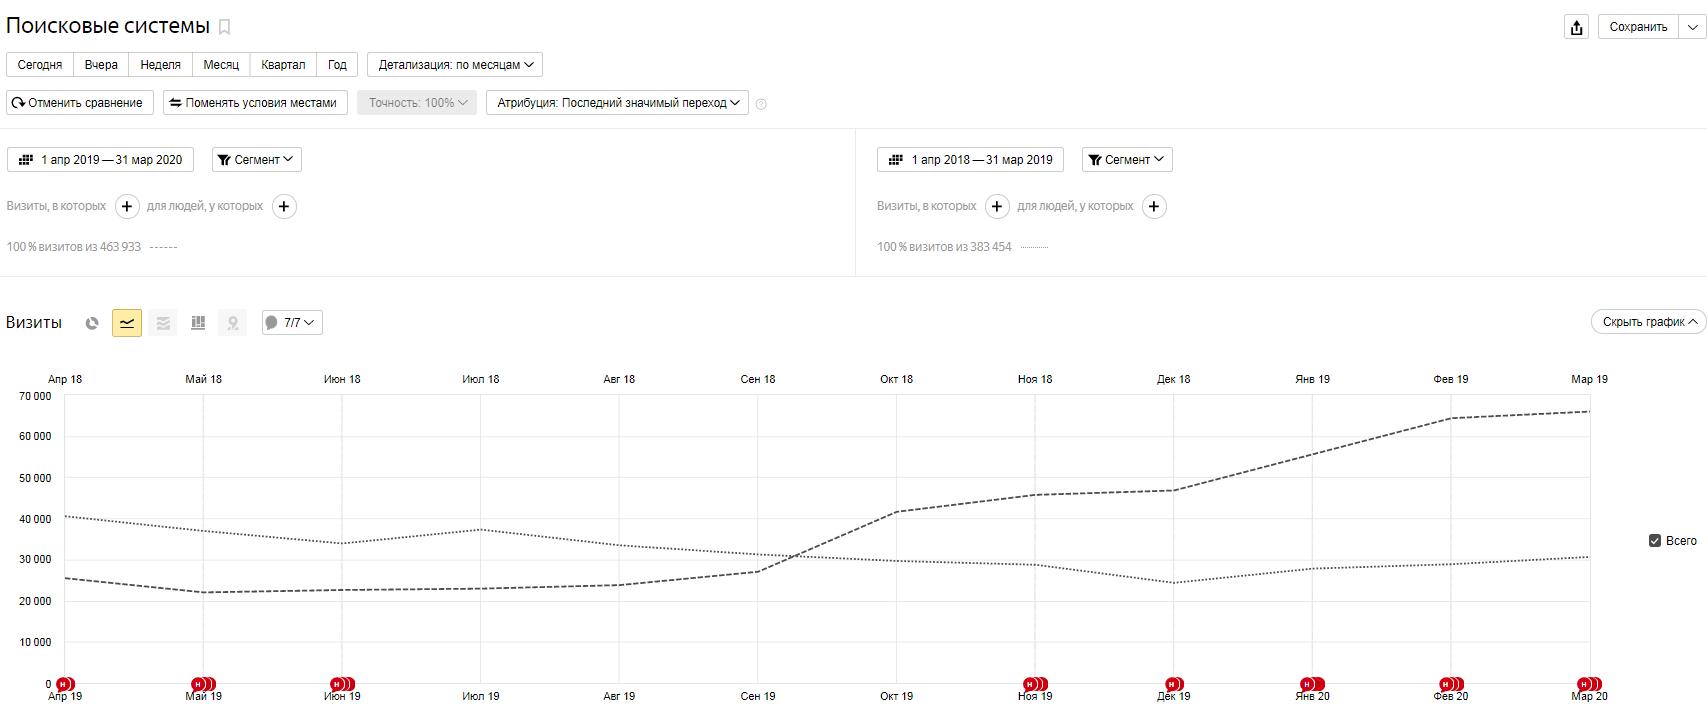 SEO Yandex comparison of two periods